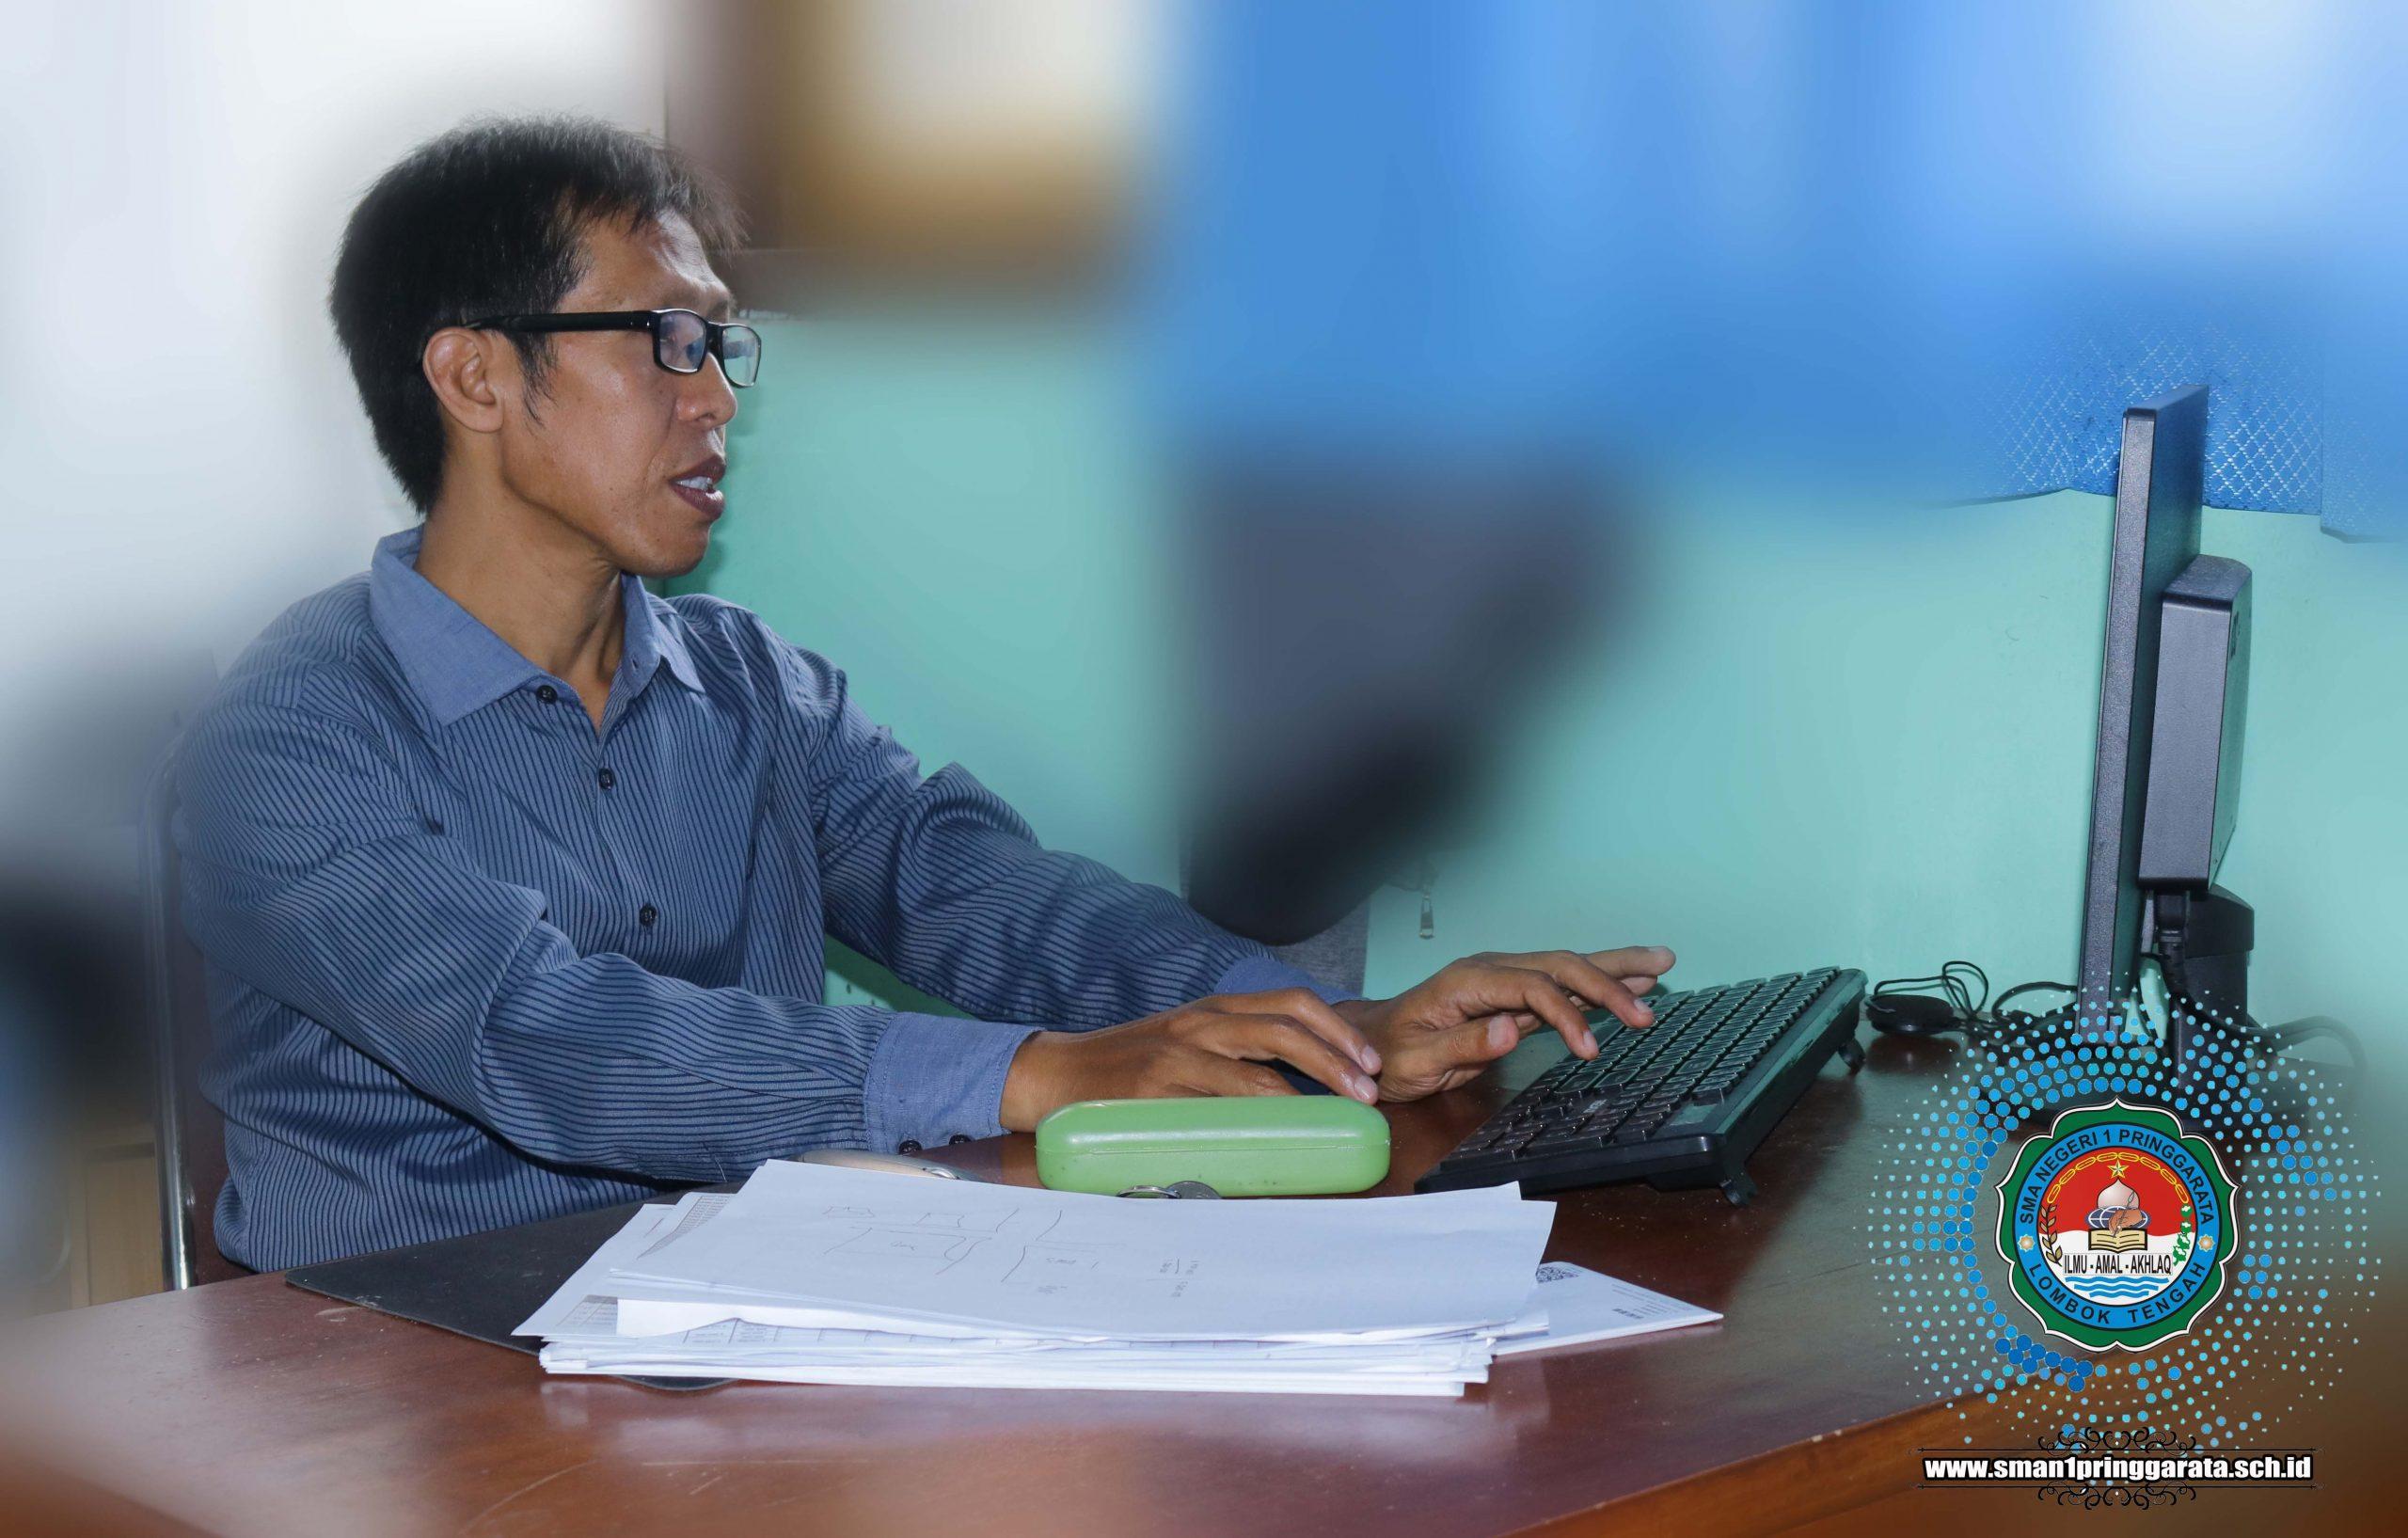 Membongkar Korupsi Dari Meja Kerja Seorang Guru (Sebuah Upaya Menggerakkan Perlawanan dari Halaman Belakang)